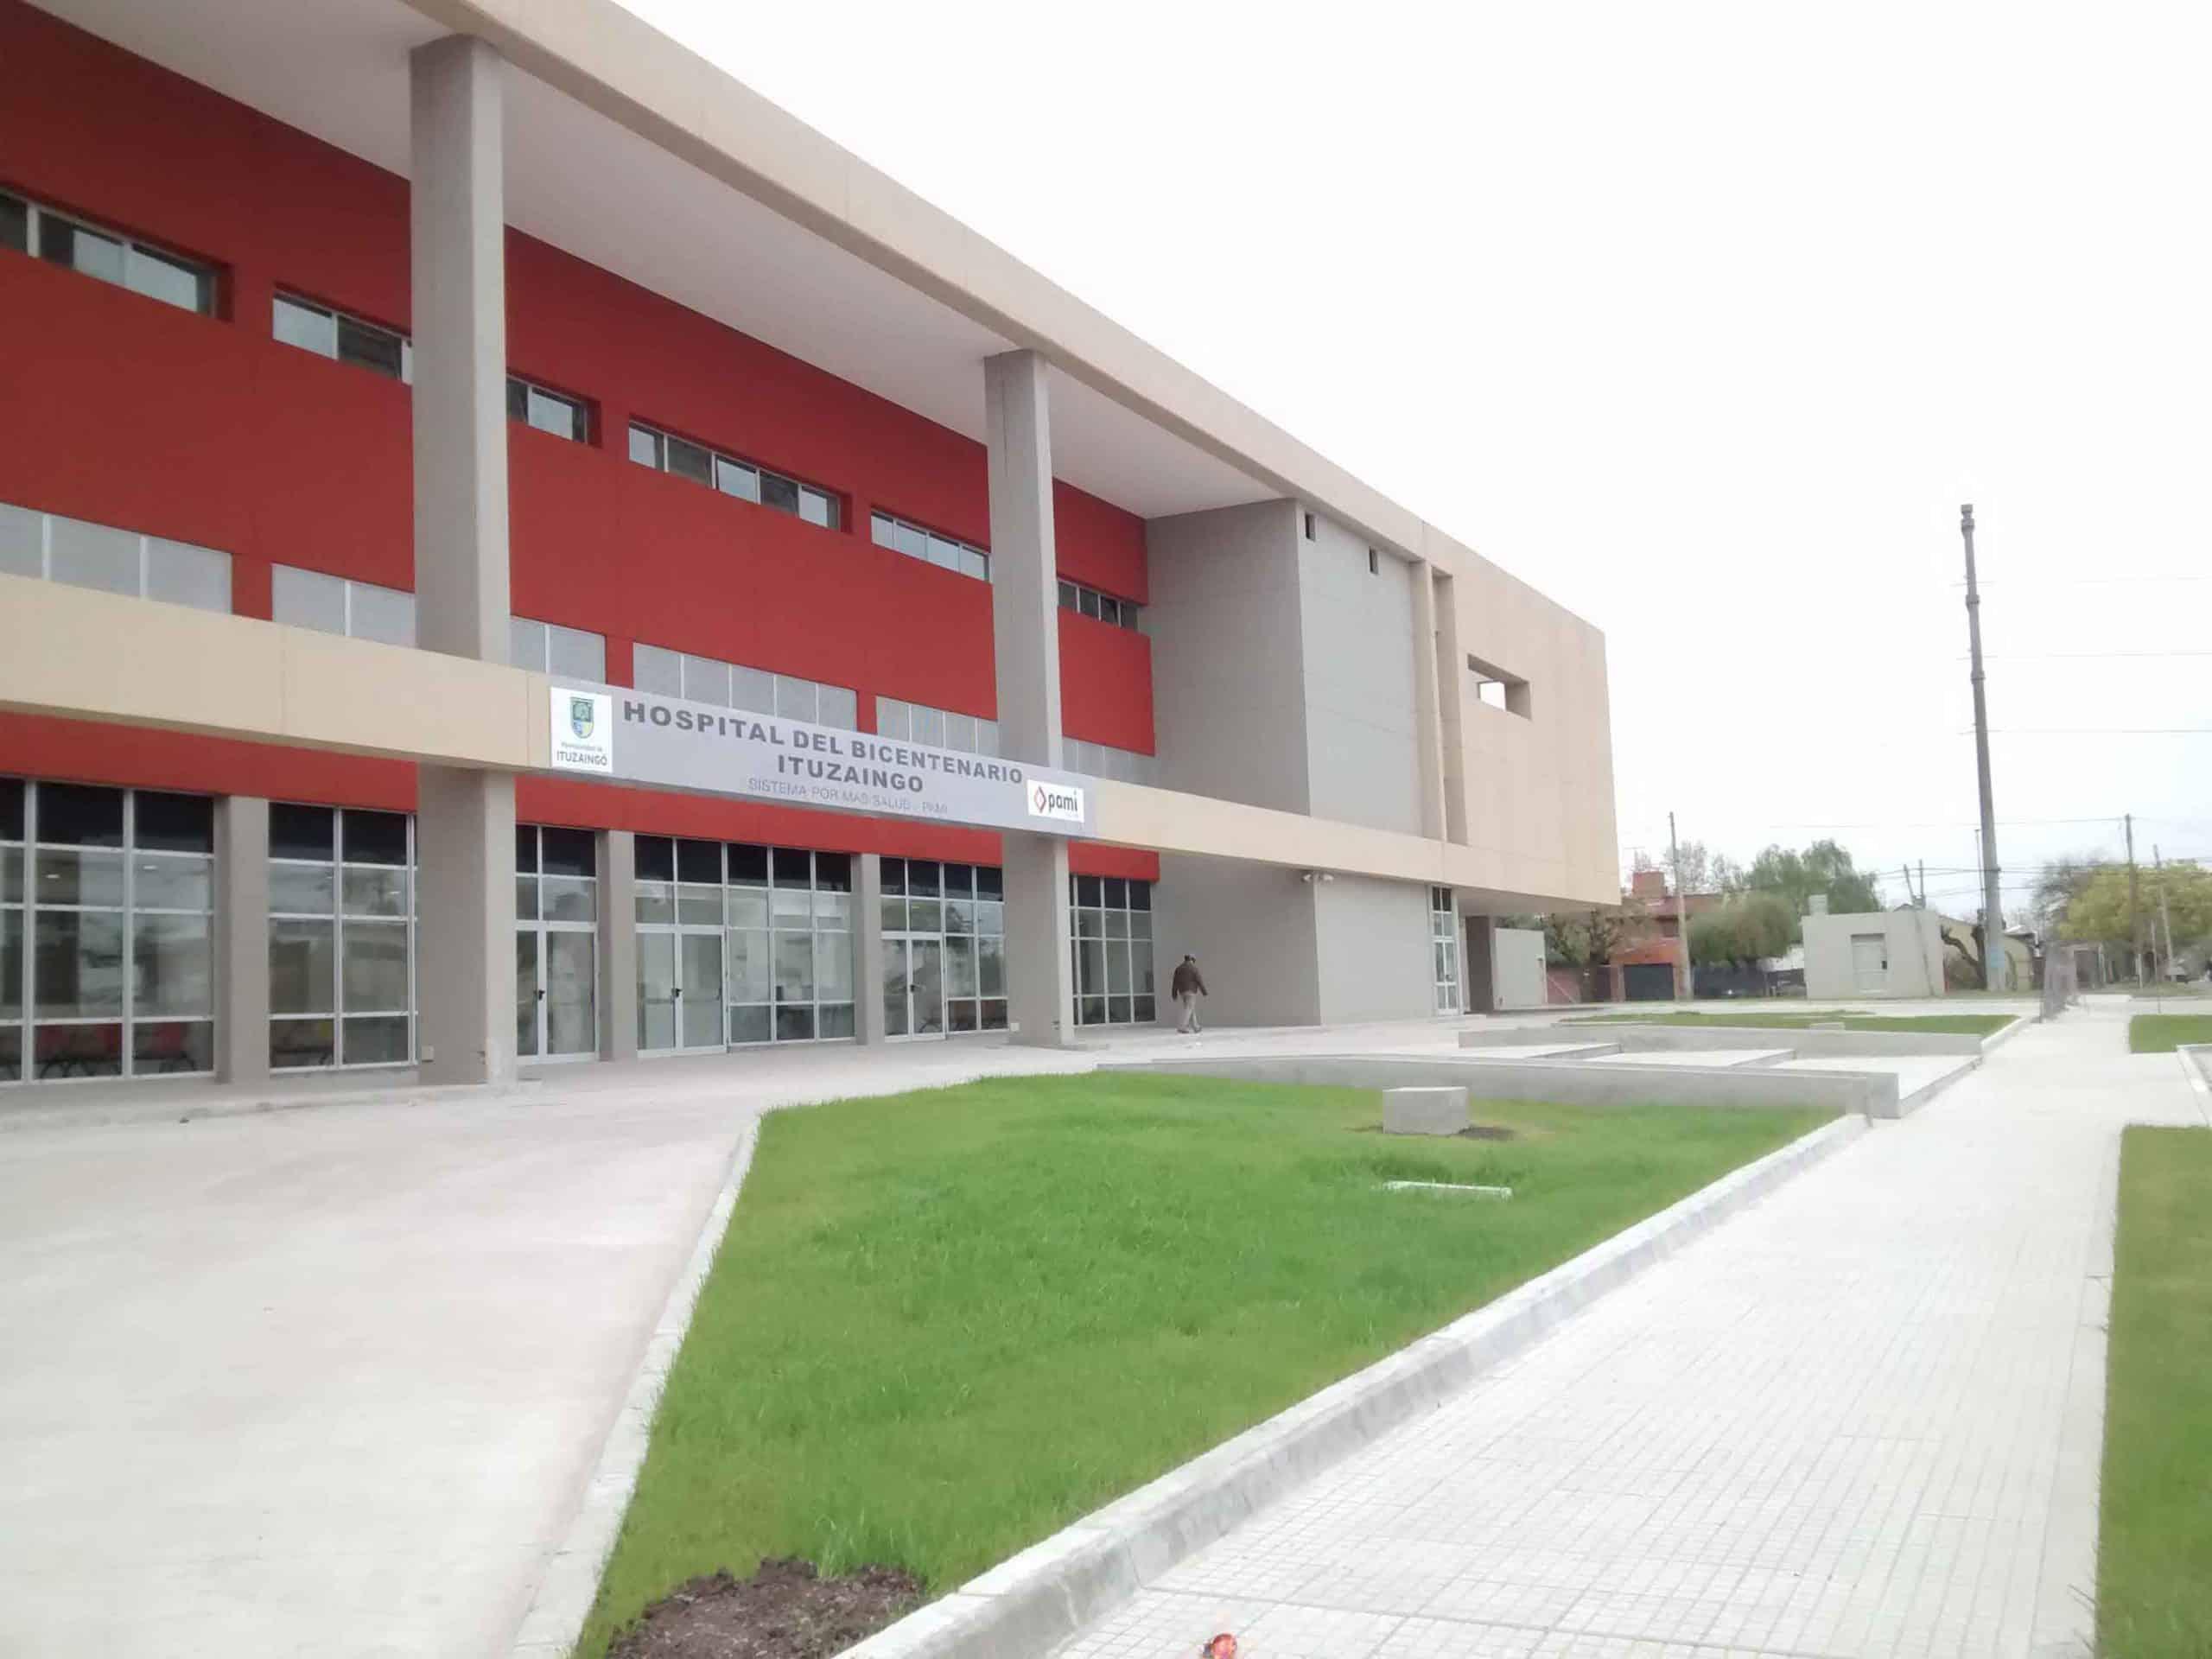 El municipio podría reclamar la devolución del predio donde se construye el Hospital del Bicentenario. 3